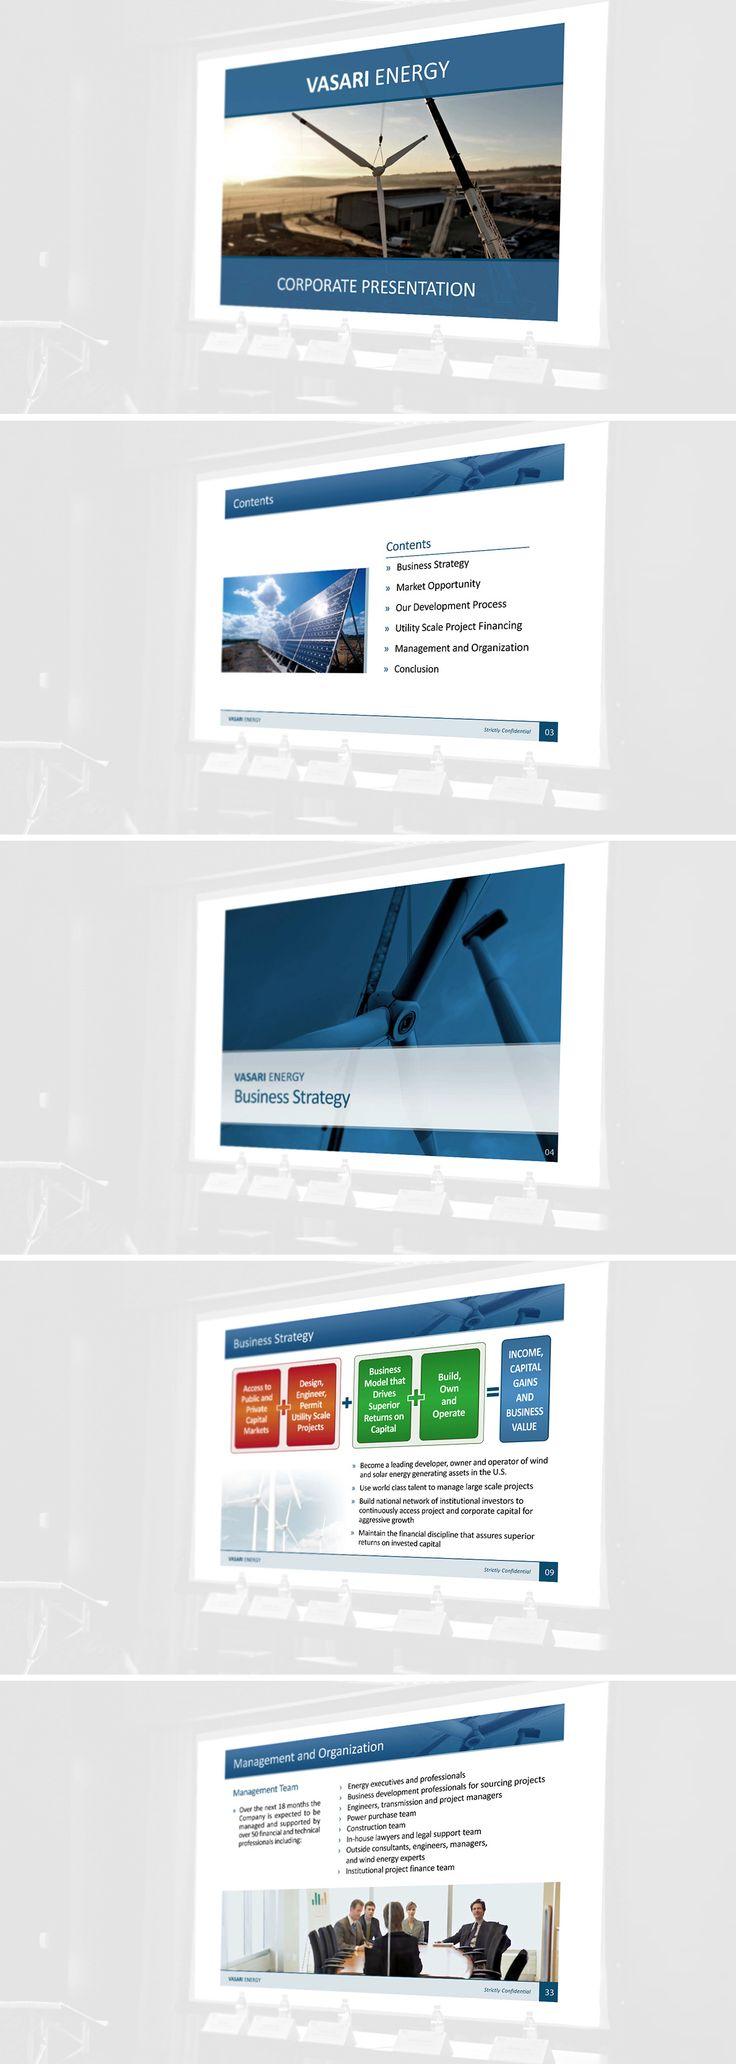 Toplantı, seminer, tanıtım ve benzeri amaçlı sunumlarınız için firmanıza ve markanıza özel sunum tasarımları - Koray Kışlalı. Tasarım, grafik tasarım, marka, pazarlama, reklam, reklam tasarımı, sunum tasarımı, toplantı sunum tasarımı, toplantı sunumu tasarımı, slayt tasarımı, toplantı slayt tasarımı, slayt sunum tasarımı, firma sunum tasarımı, toplantı sunumları, toplantı sunumu, ürün sunumu, marka sunumu, marka sunum tasarımı, firma sunum tasarımı.